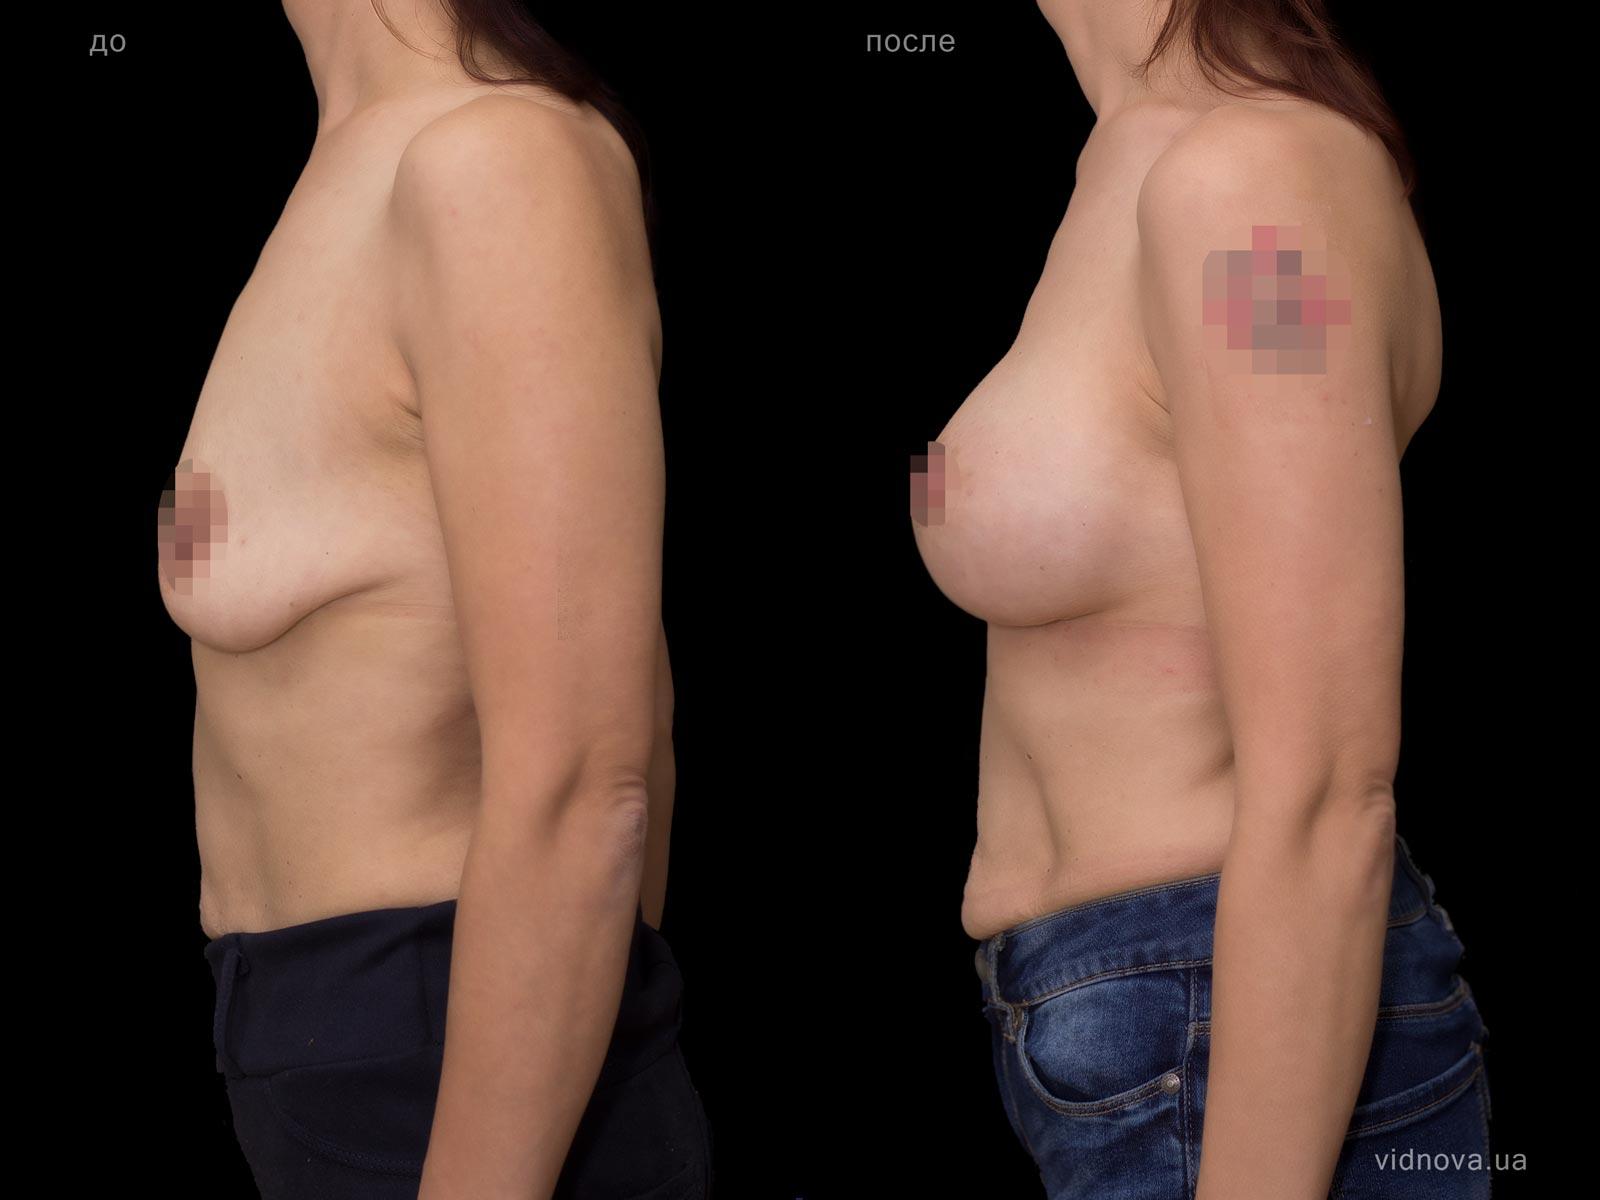 Пластика груди: результаты до и после - Пример №80-2 - Светлана Работенко